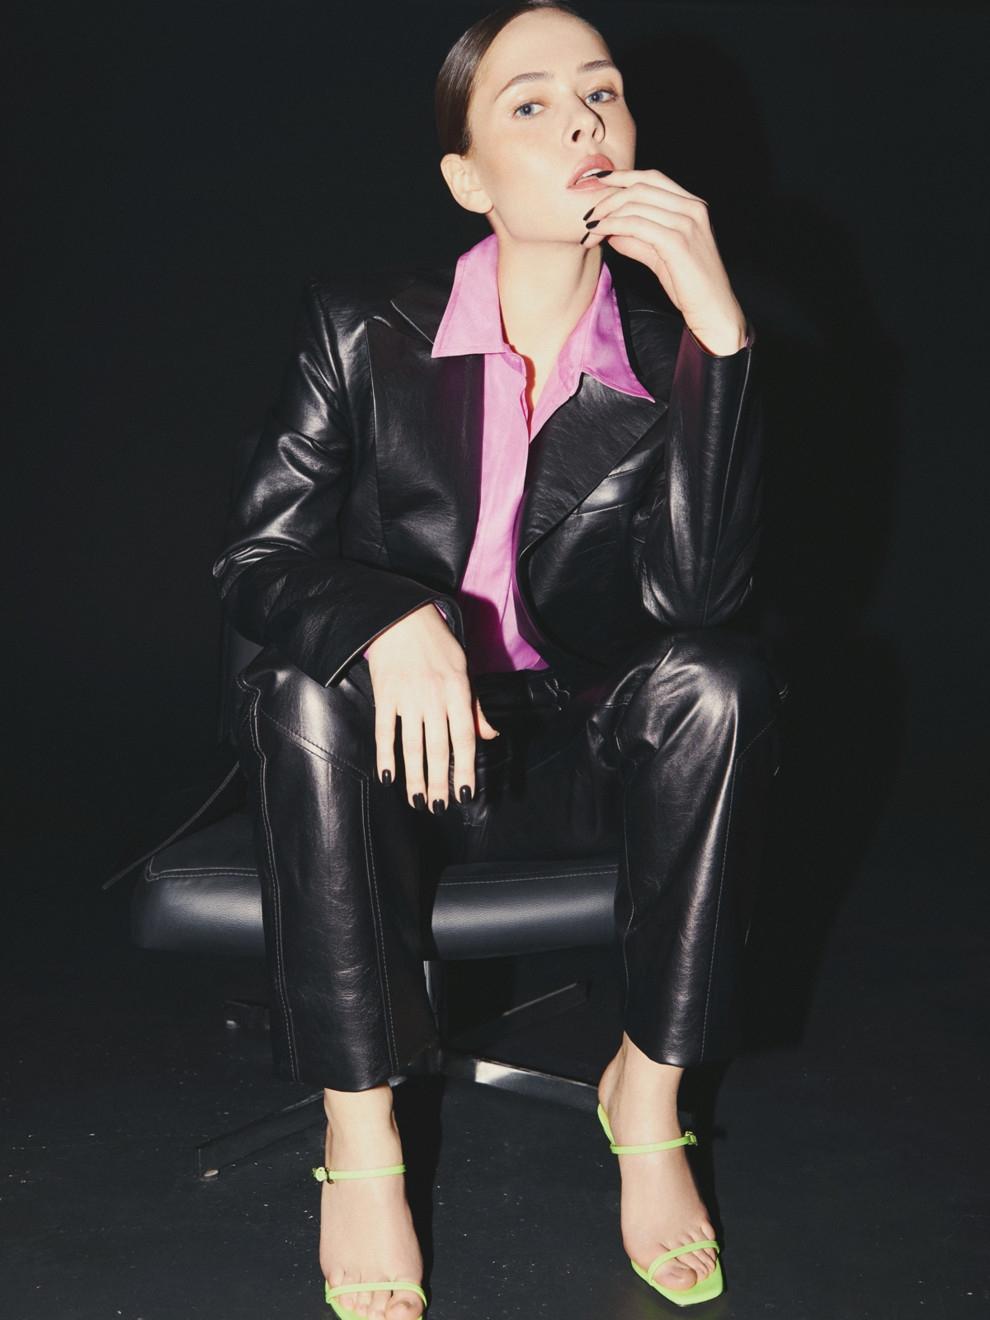 В соблазнительных корсетах и неоновых колготках: Юлия Санина снялась для Vogue (ФОТО) - фото №2